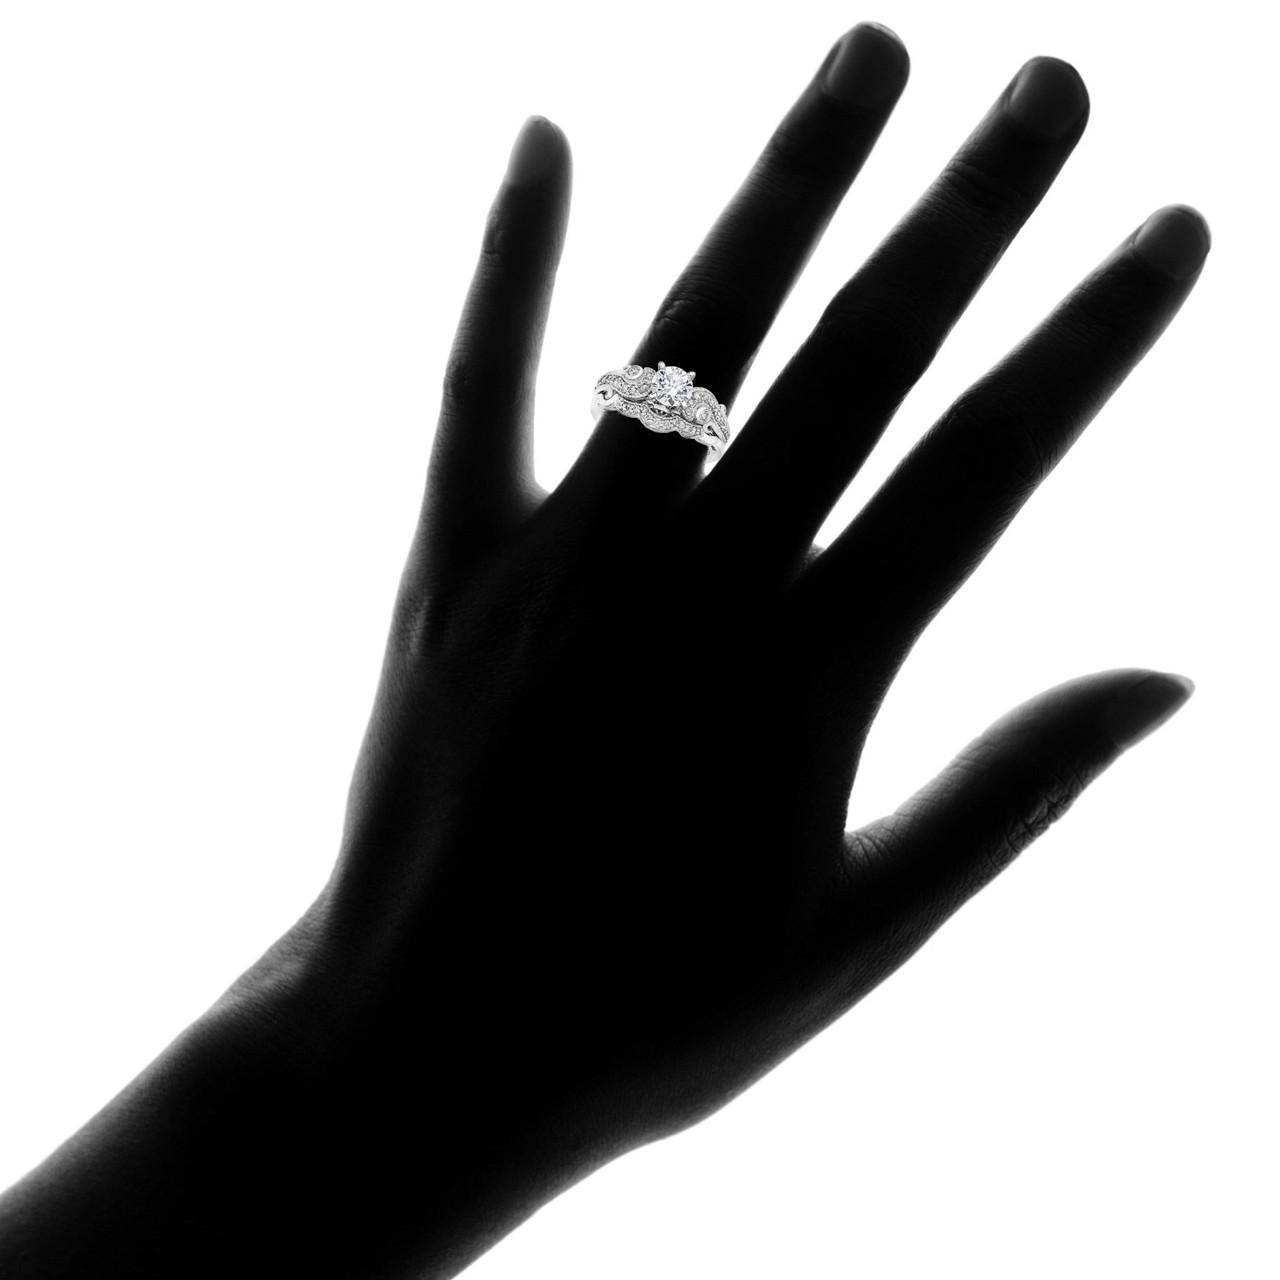 Wedding Rings Sets.Emery 3 4ct Vintage Diamond Engagement Wedding Ring Set 14k White Gold H I I1